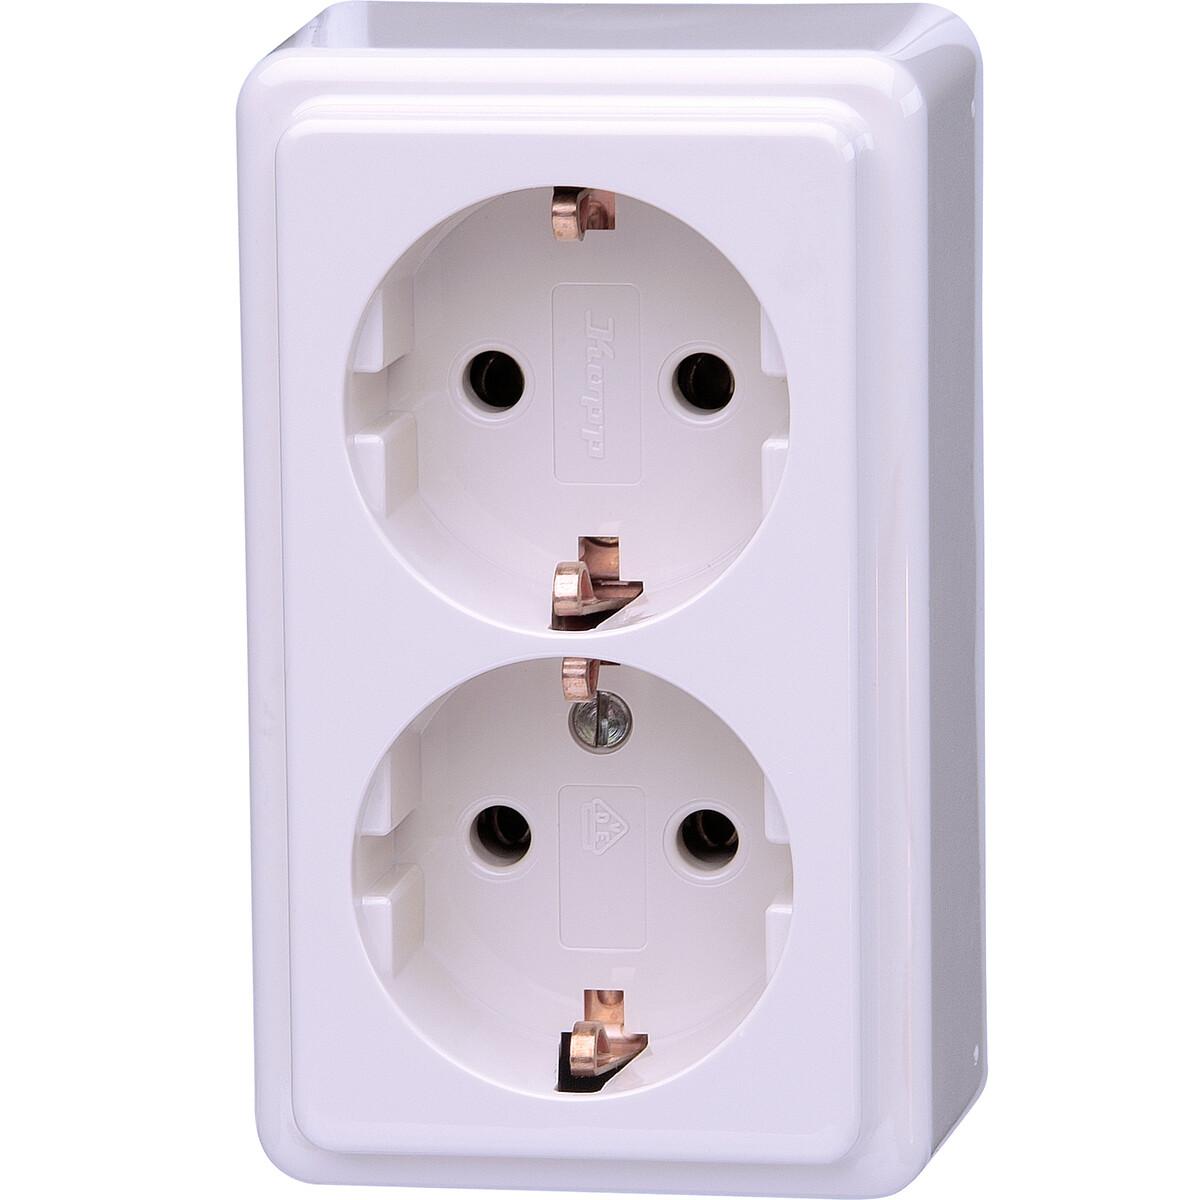 KOPP - Wandcontactdoos - Standard - Opbouw - Dubbel Stopcontact - Randaarde - Arctic Glans Wit